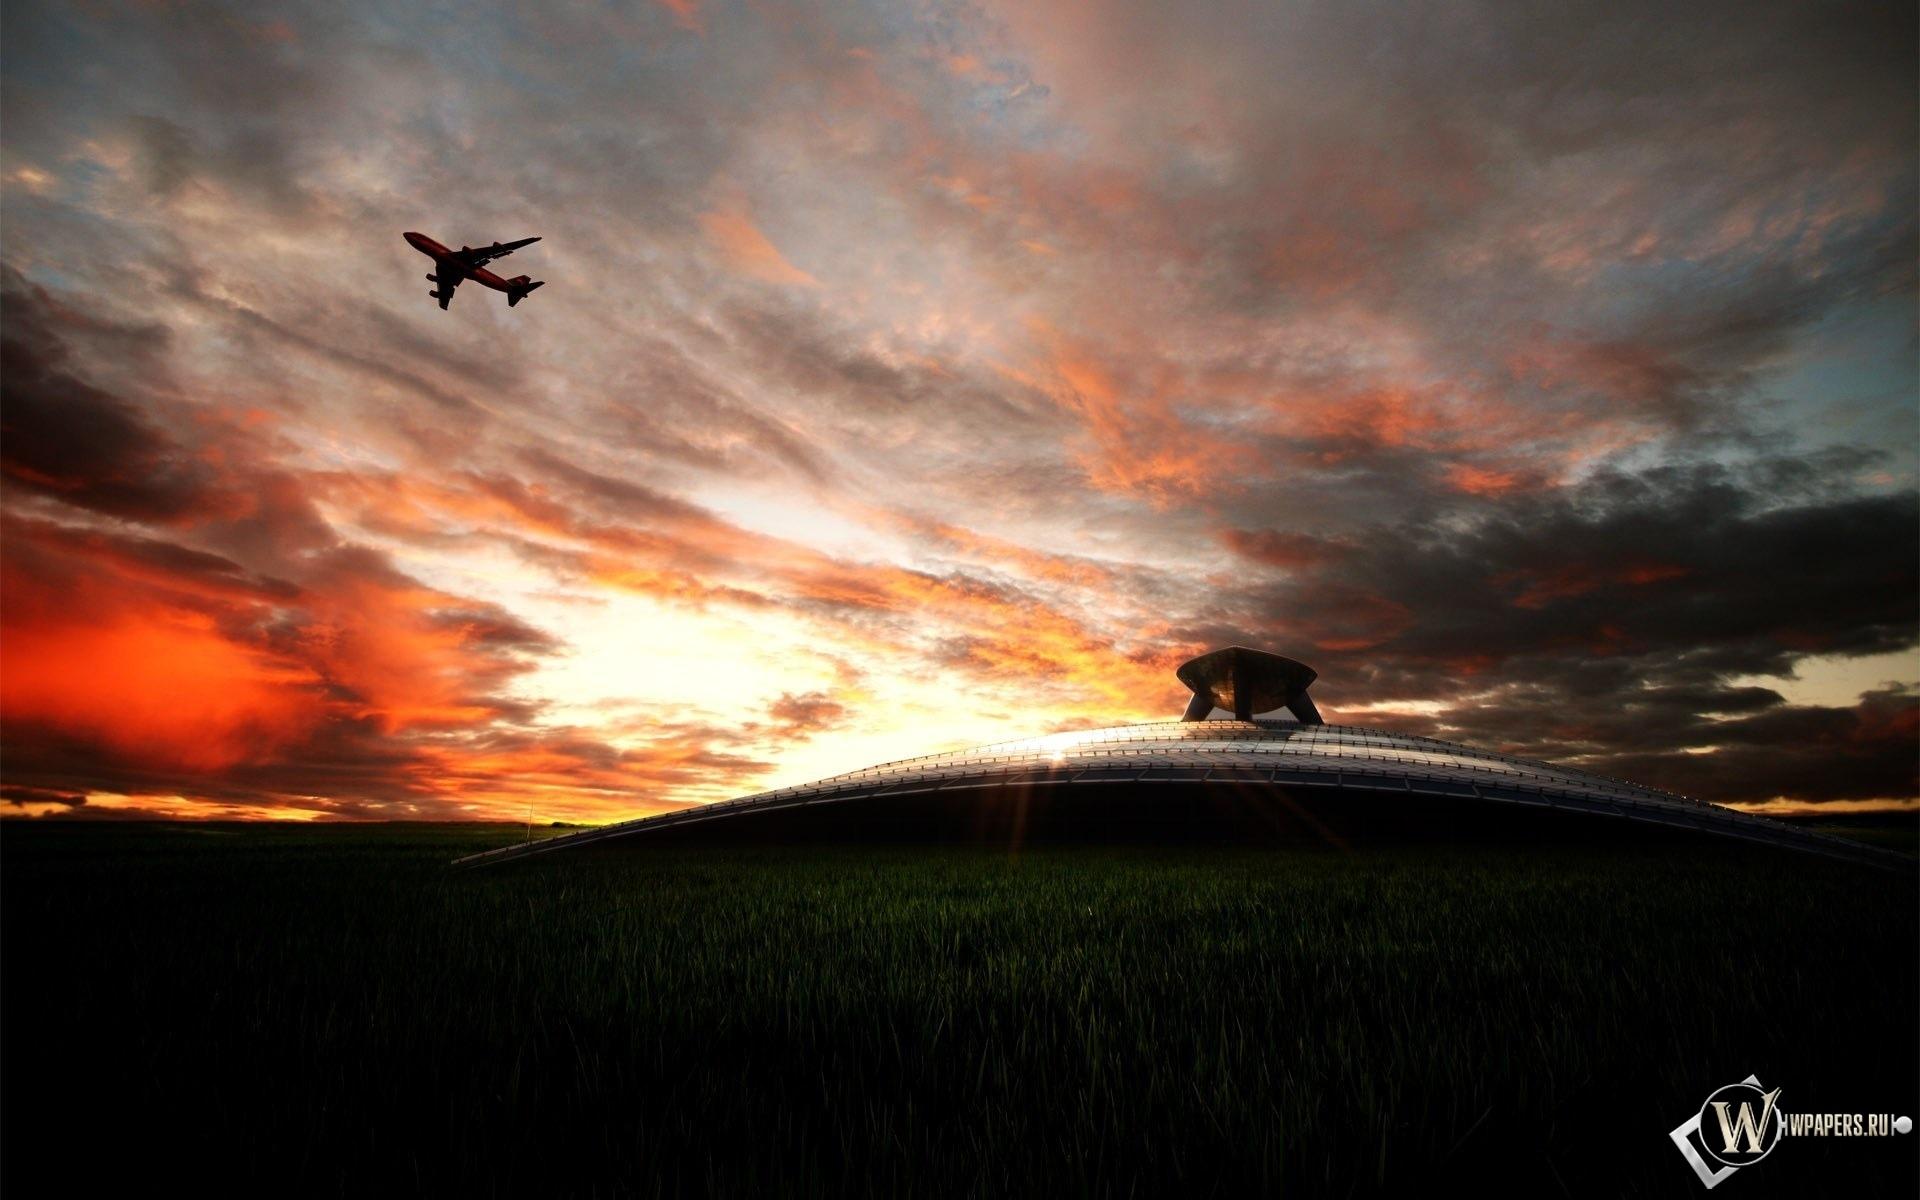 Взлет с аэропорта 1920x1200